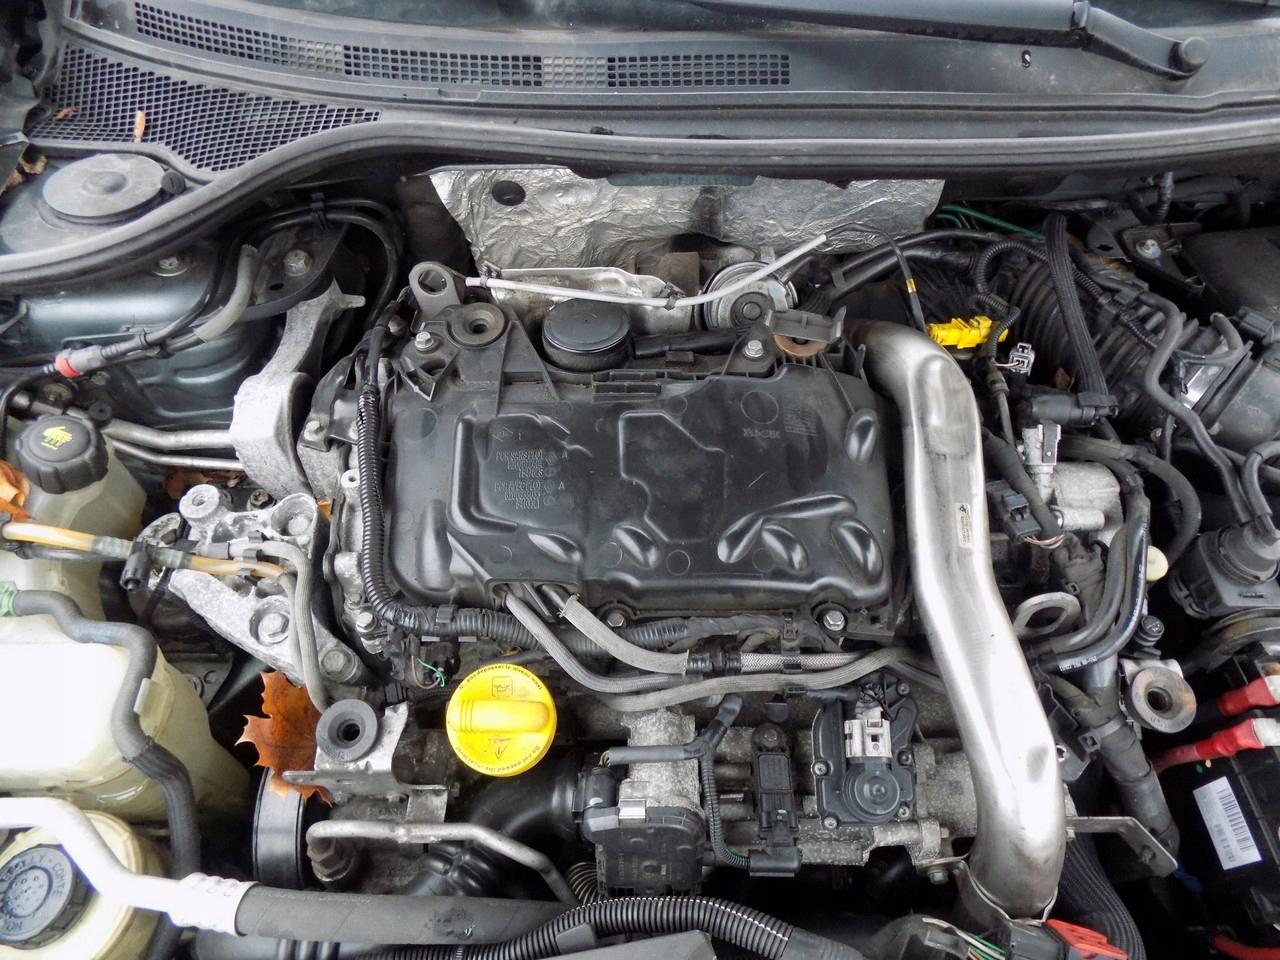 полный двигатель 20dci m9r 816 renault laguna iii